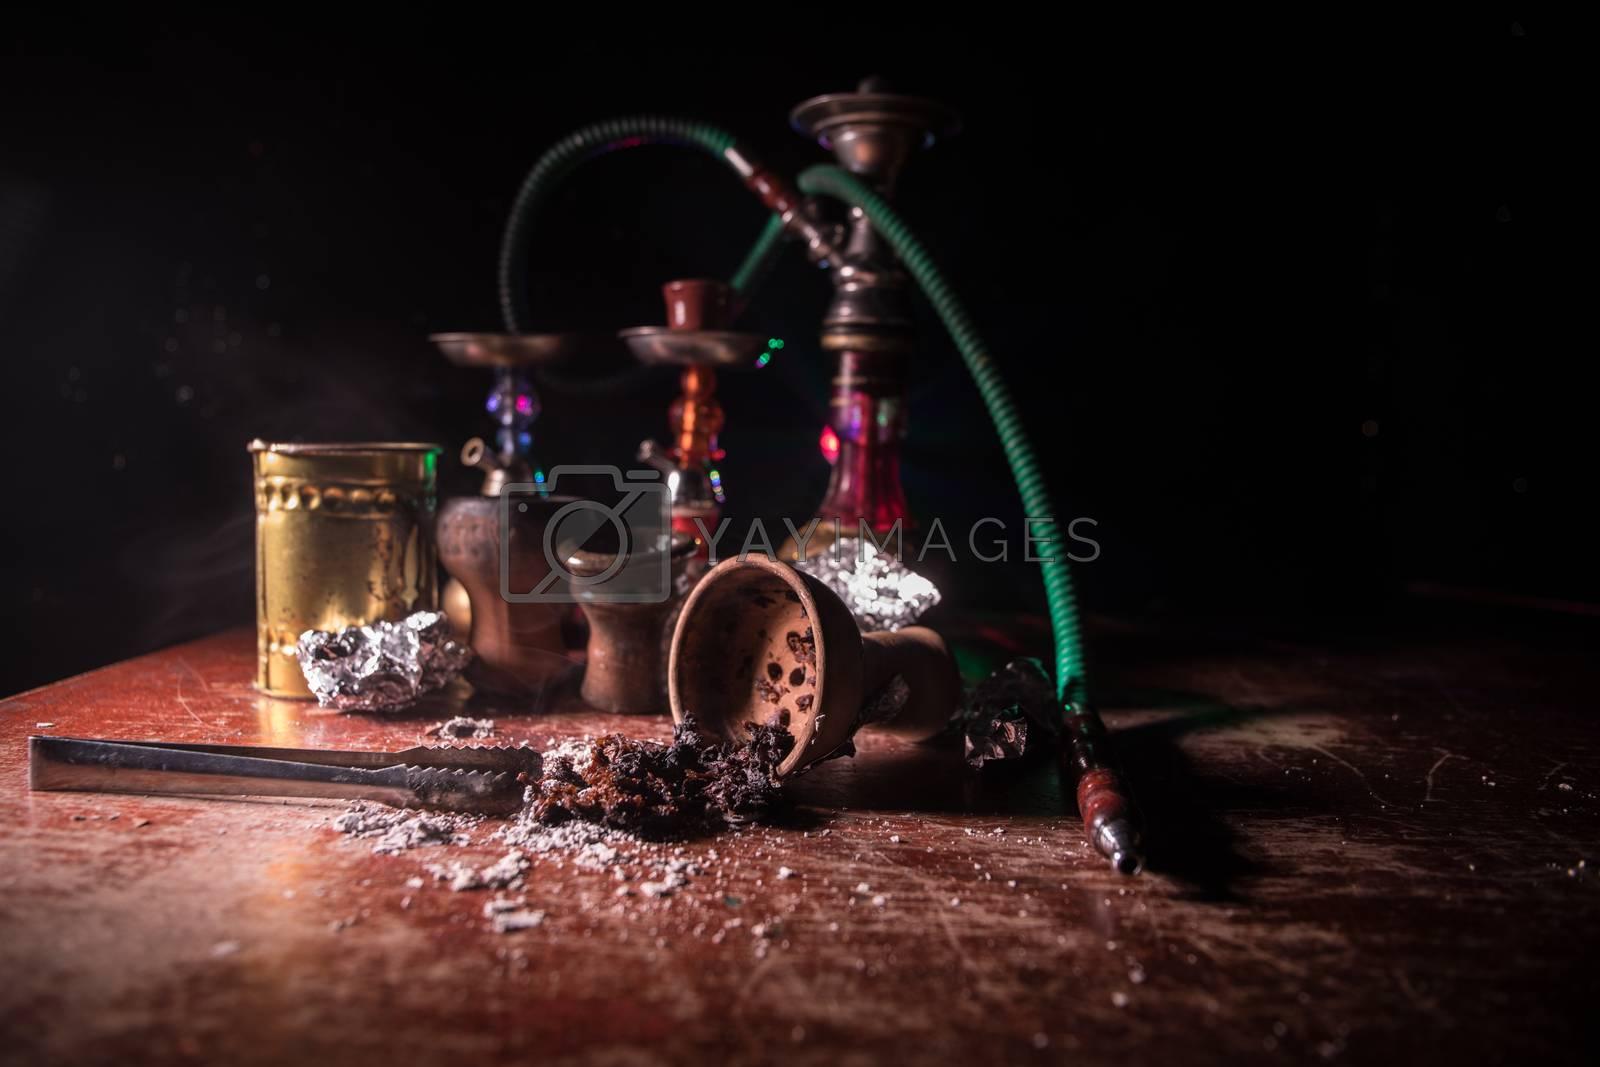 Shisha concept. Preparing shisha on table. Used shisha bowl on wooden table. Dark atmosphere with light. Selective focus.